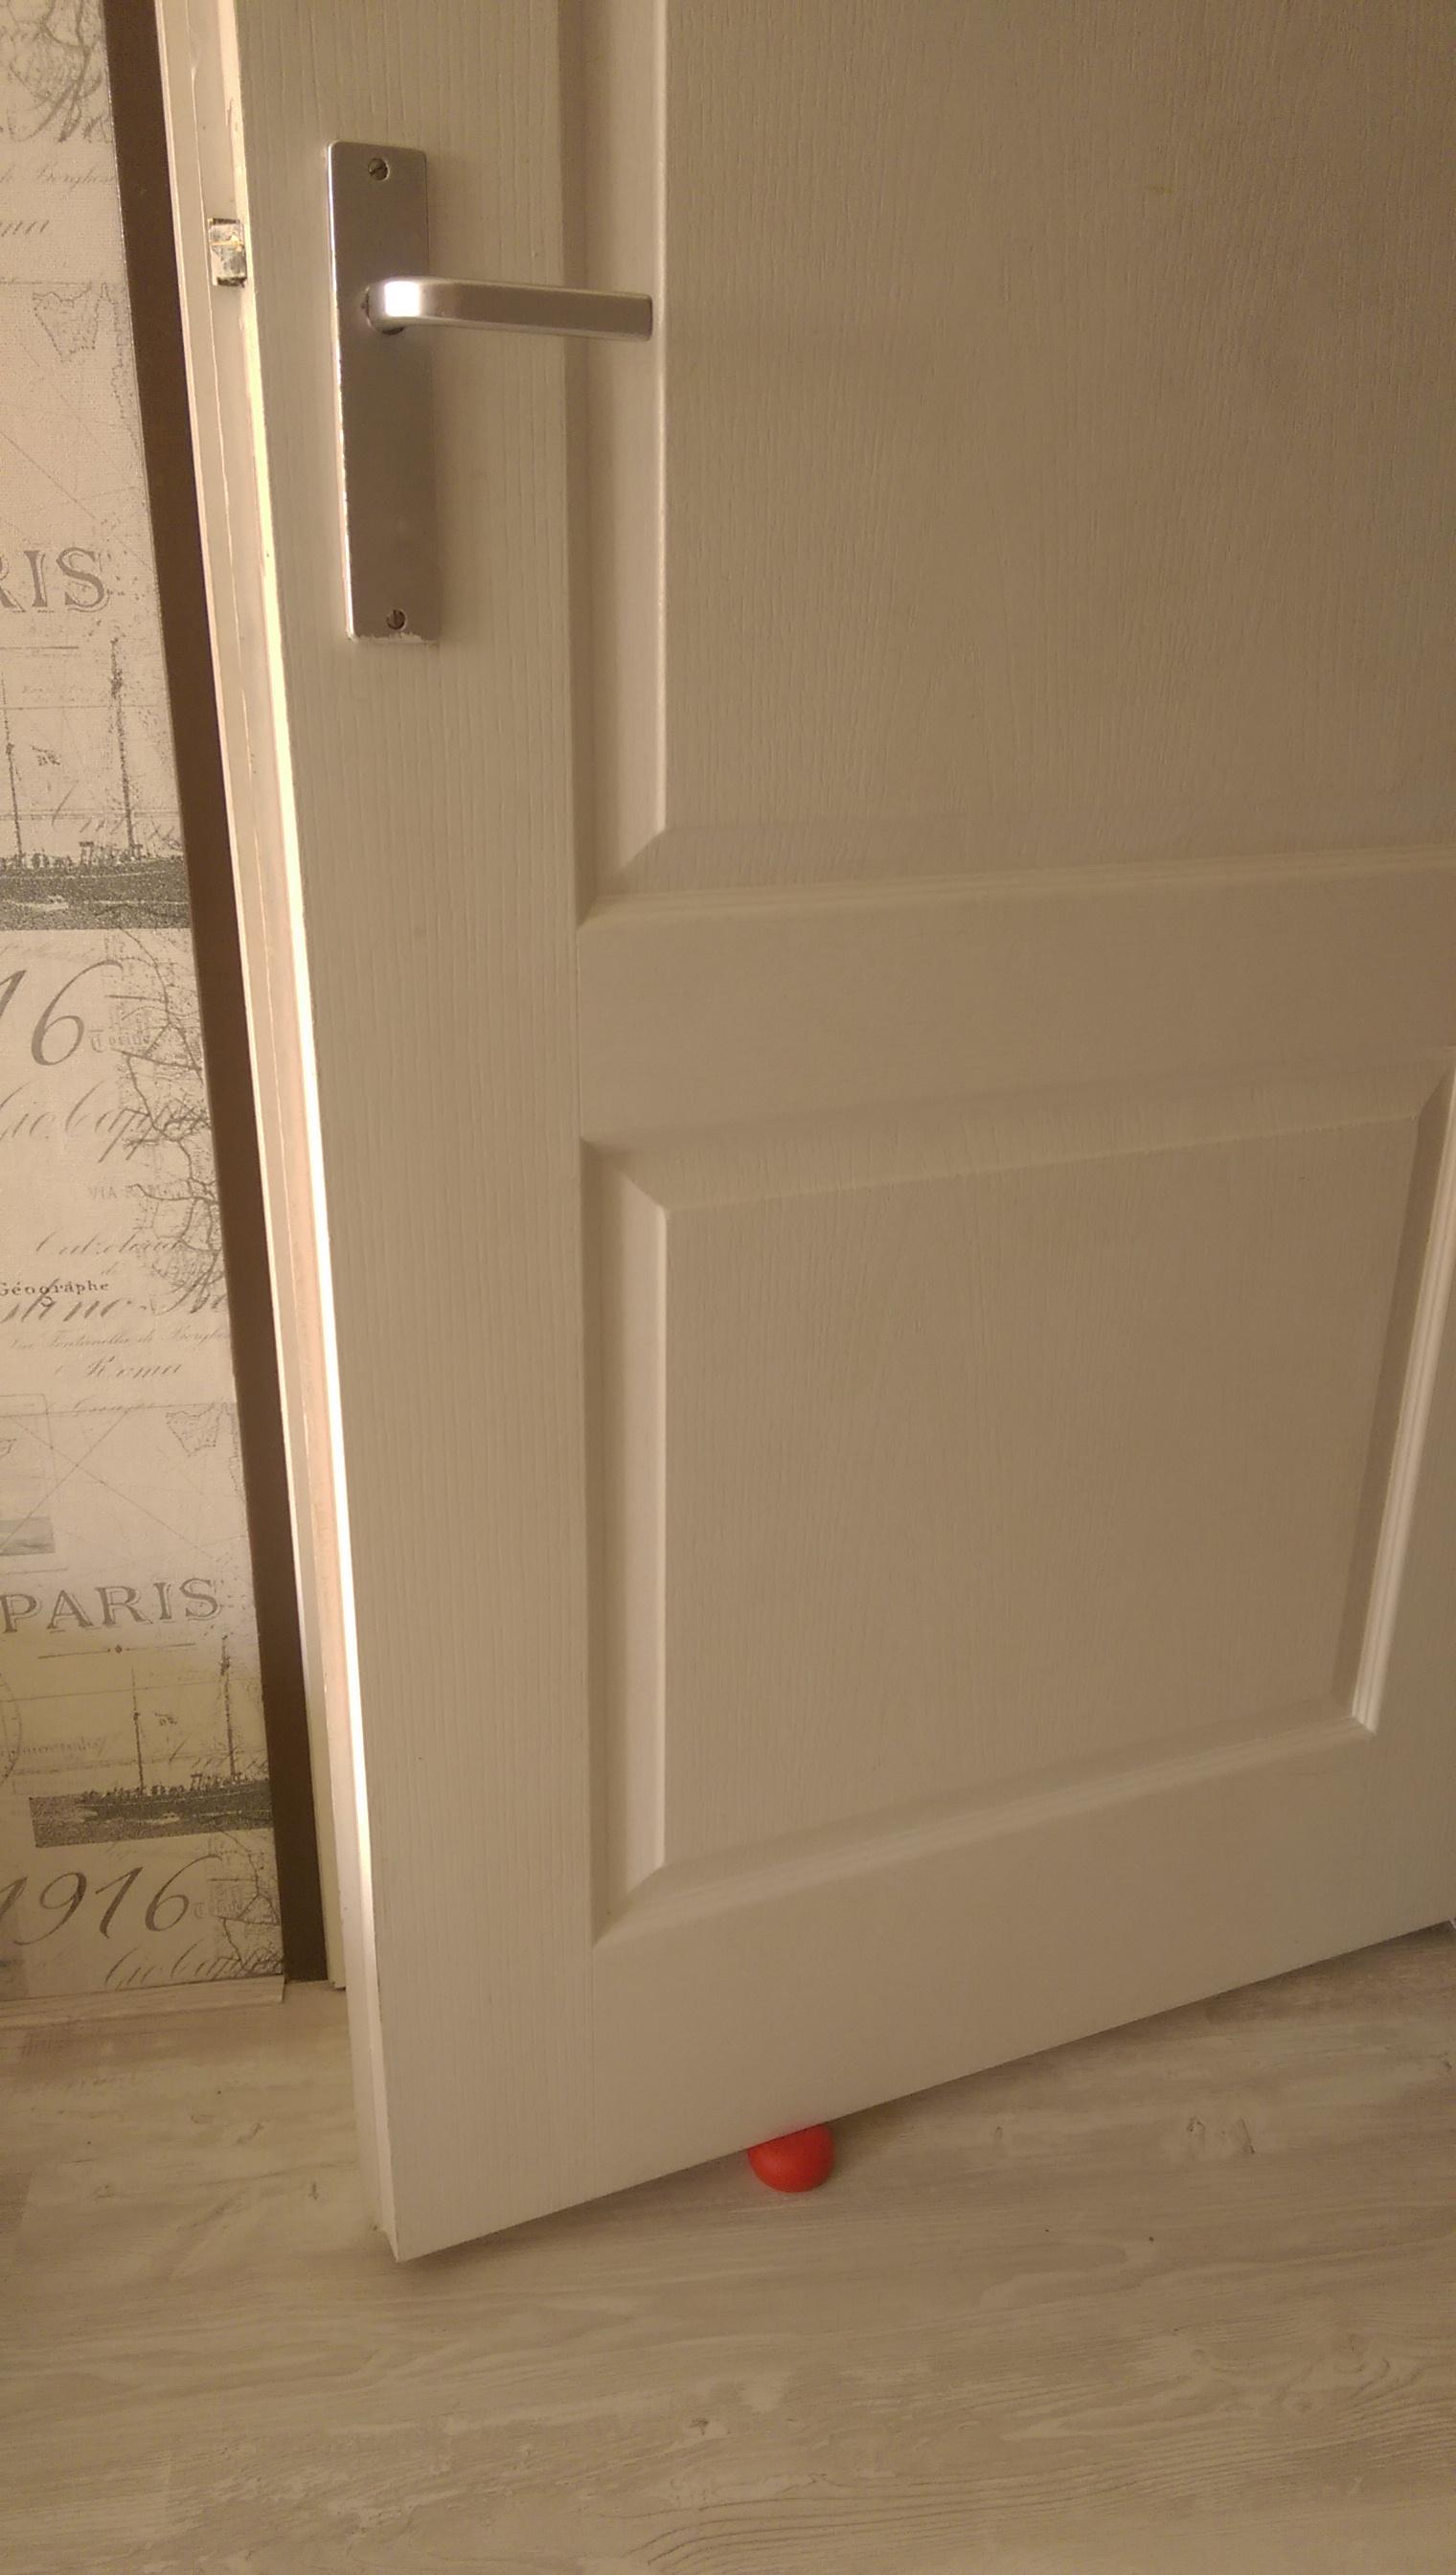 Voetje onder de deur